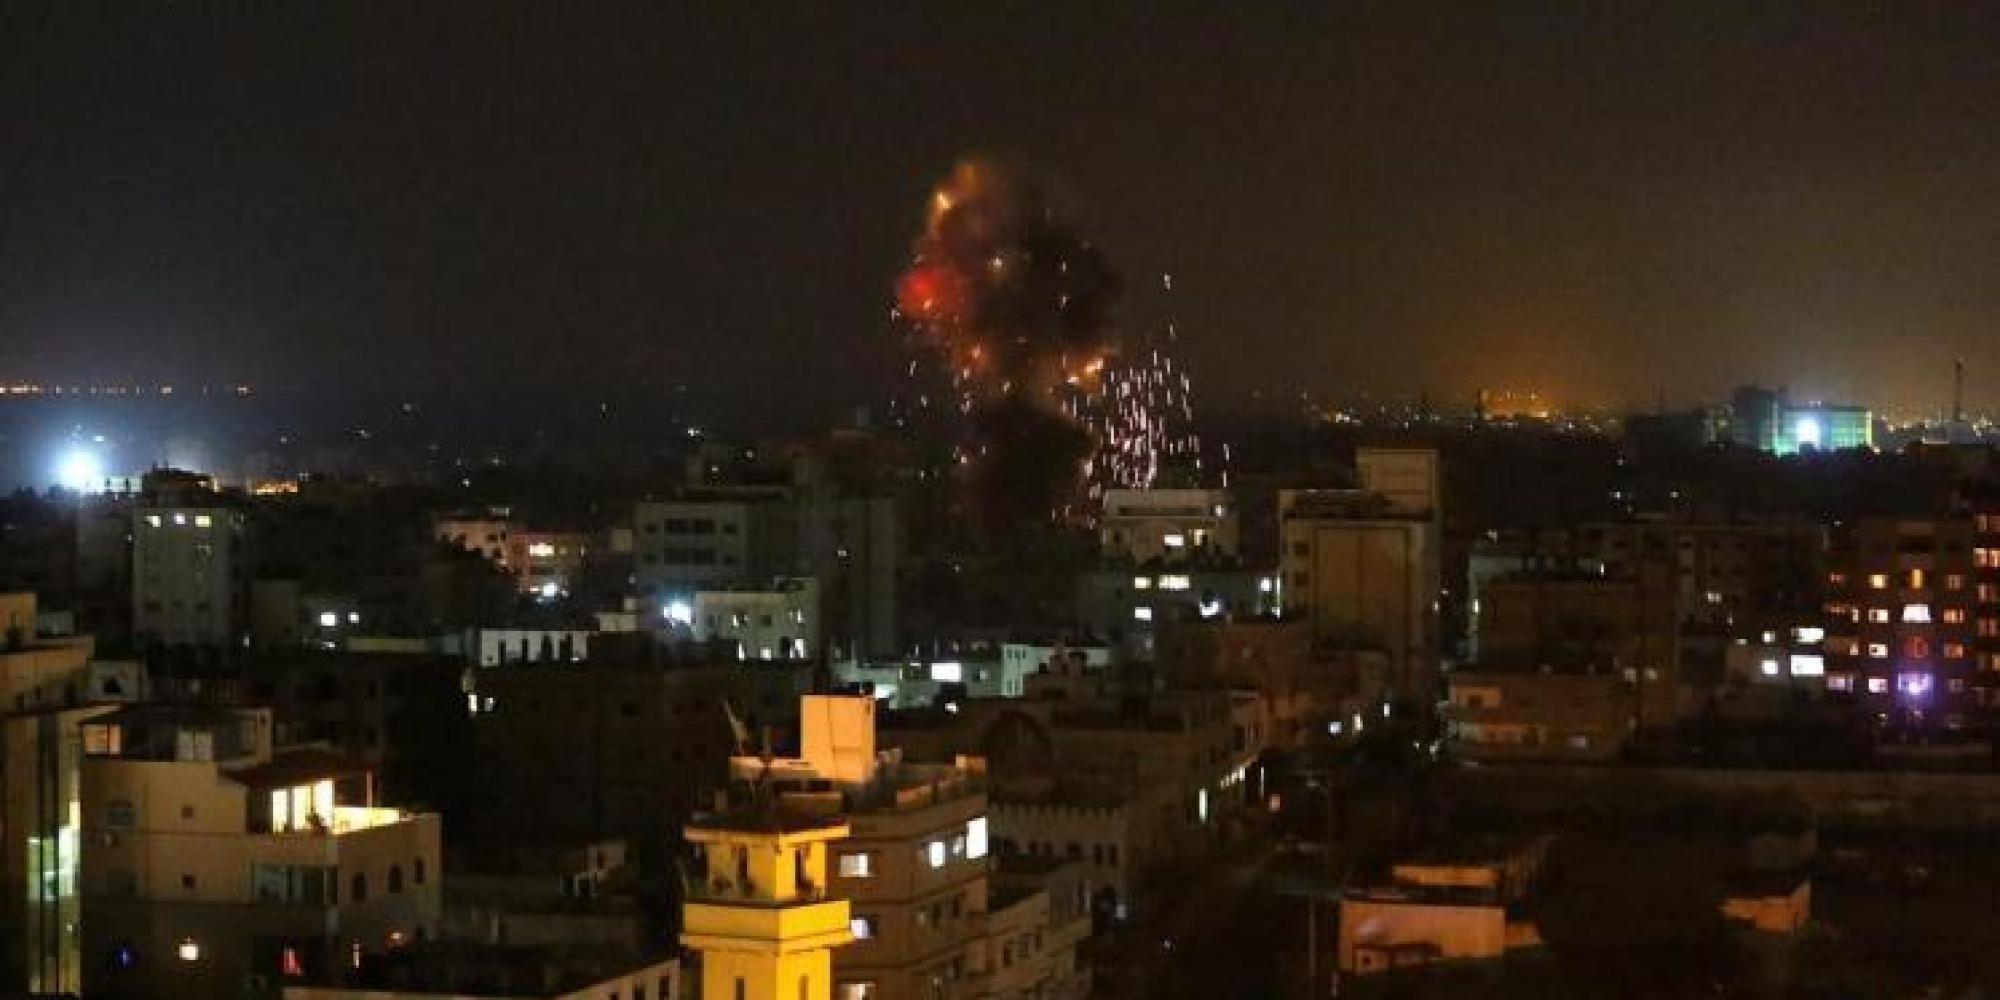 الاحتلال يشن غارات جوية على غزة ويهدد بالتصعيد